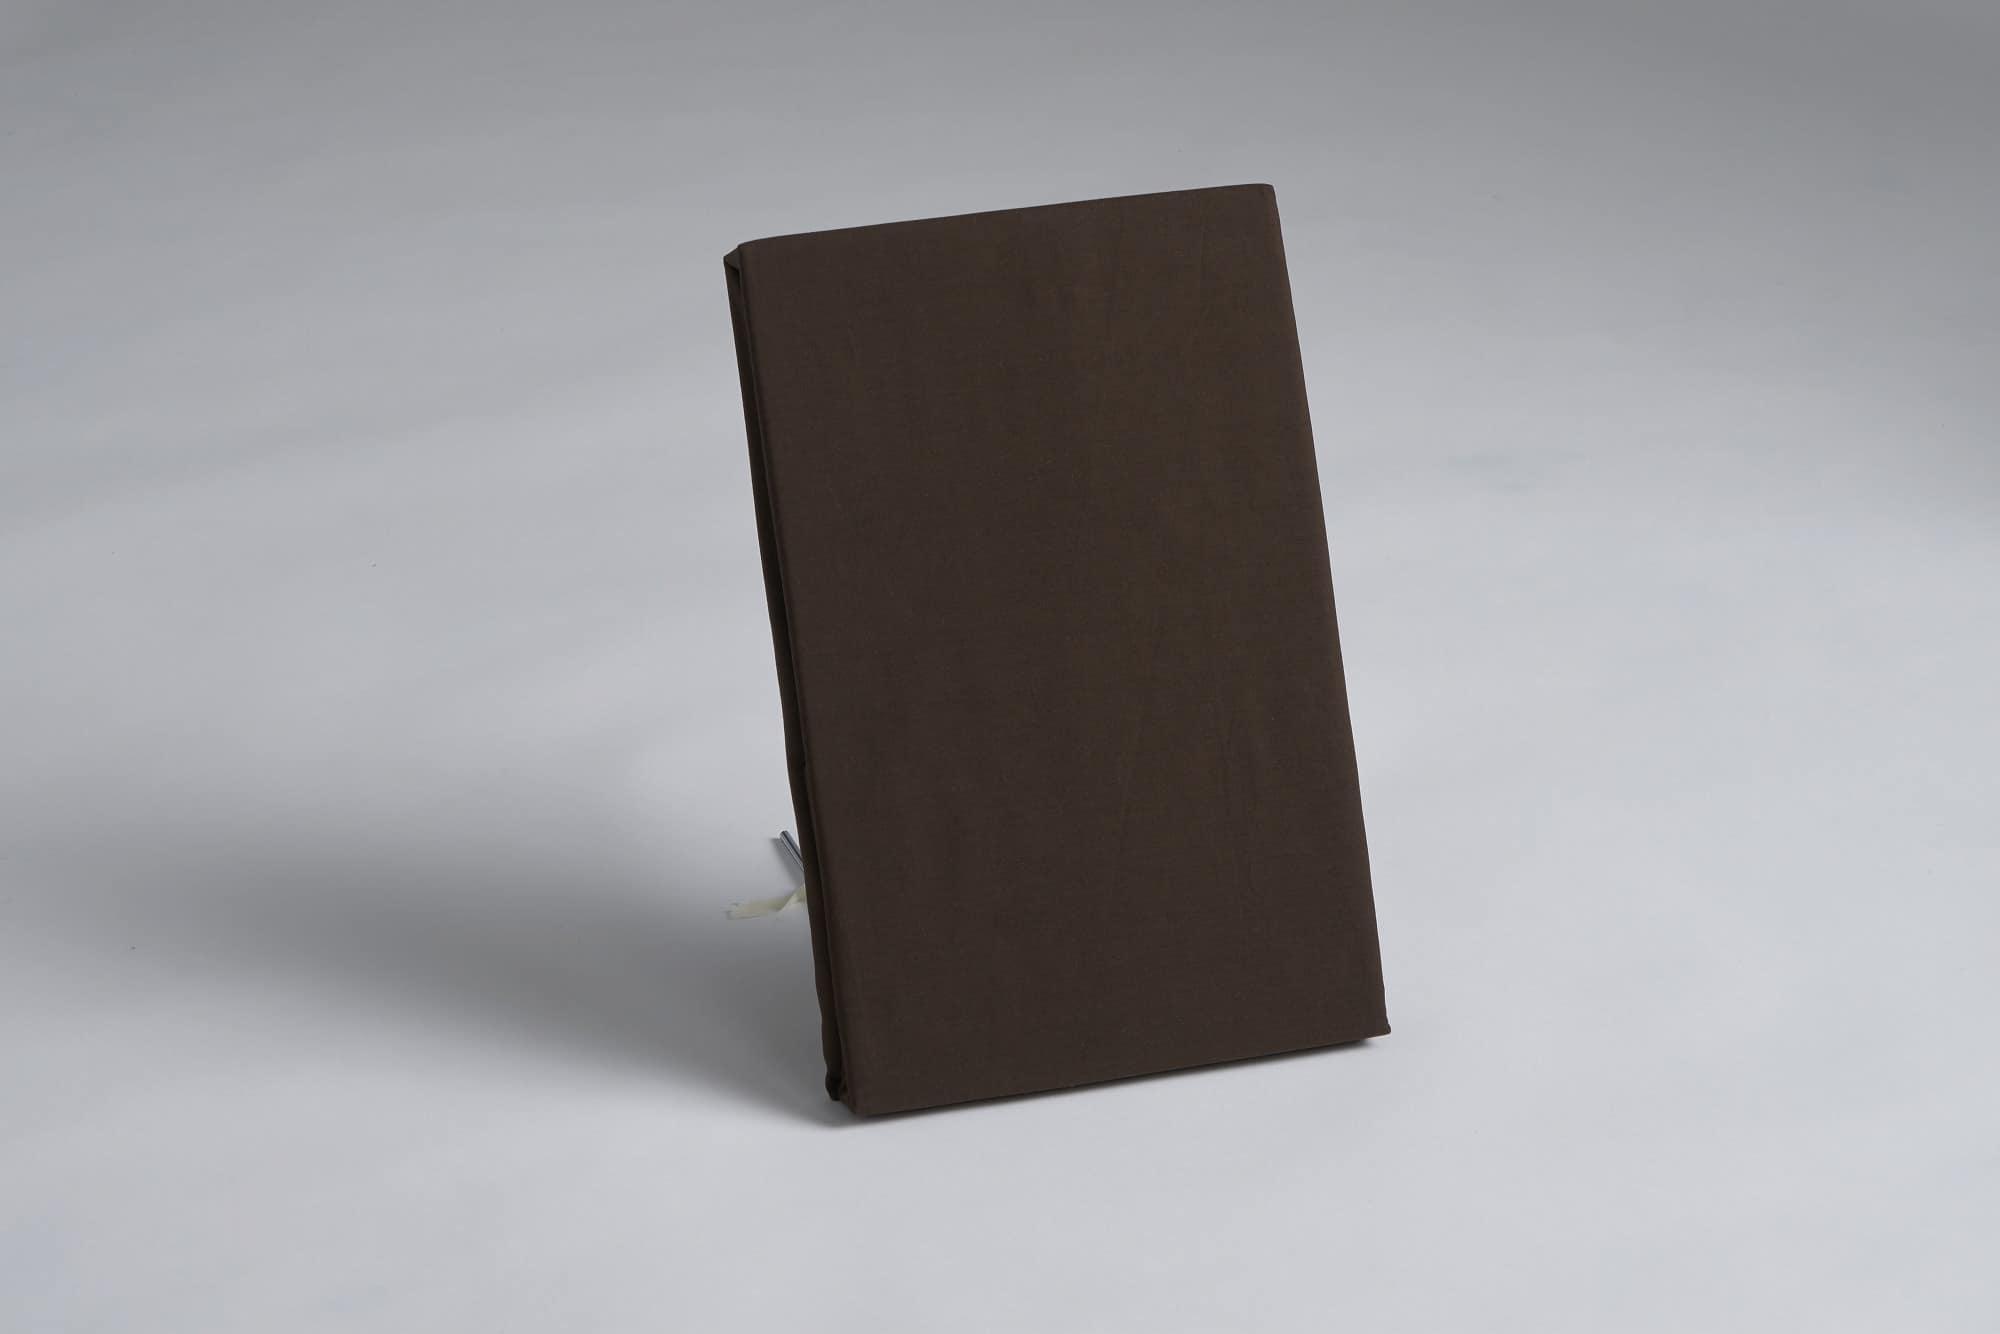 ボックスシーツ キング1用 30H ブラウン:《綿100%を使用したボックスシーツ》